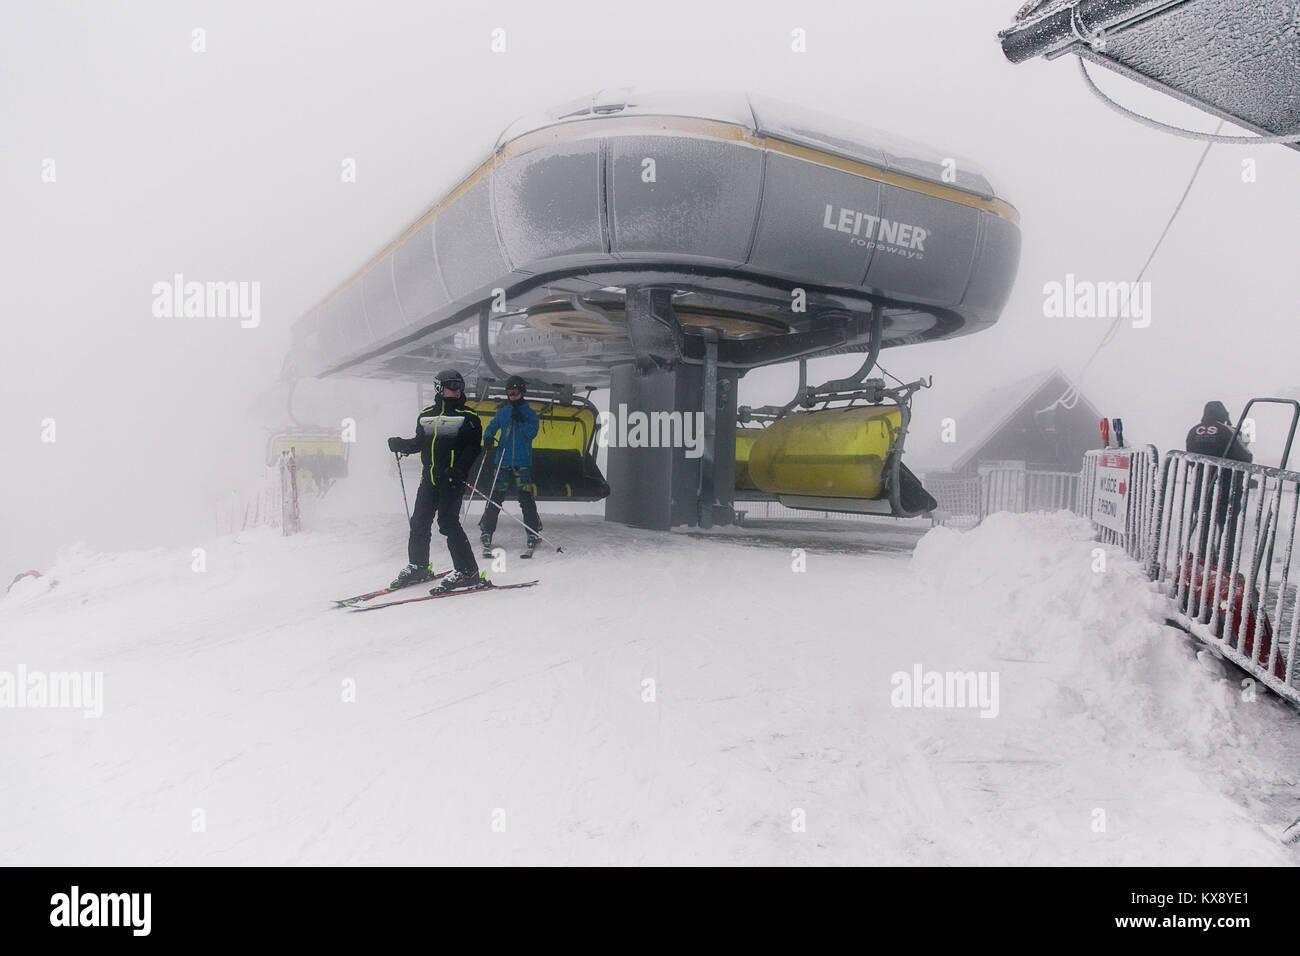 Skifahrer, der Sesselbahn auf dem Gipfel Der Berg Skrzyczne in Schnee auf einem nebligen Wintertag in Szczyrk ski resort in Polen Stockfoto